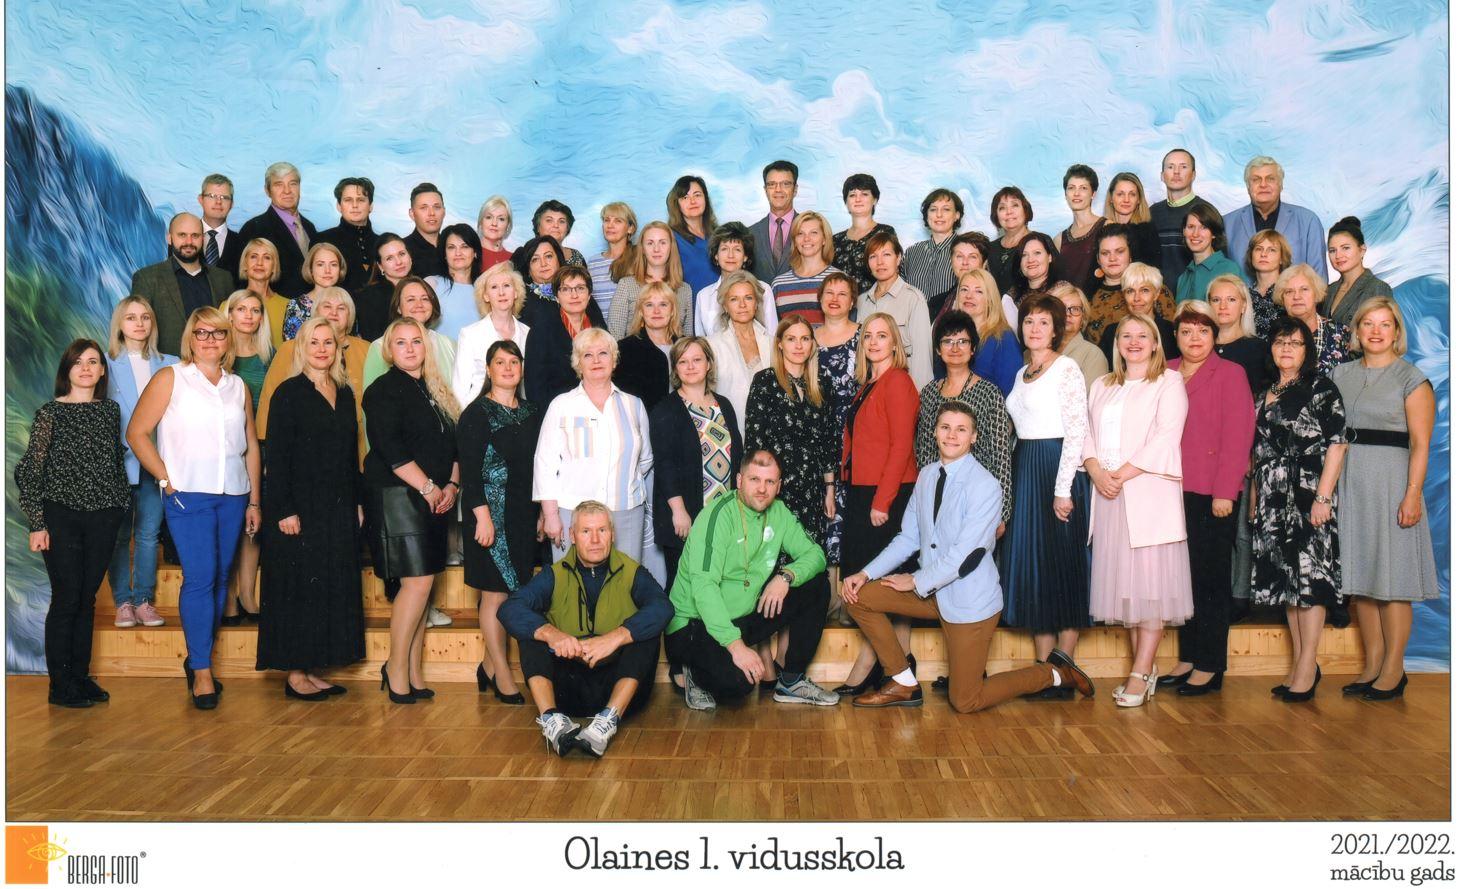 Olaines 1. vidusskolas pedagogu foto